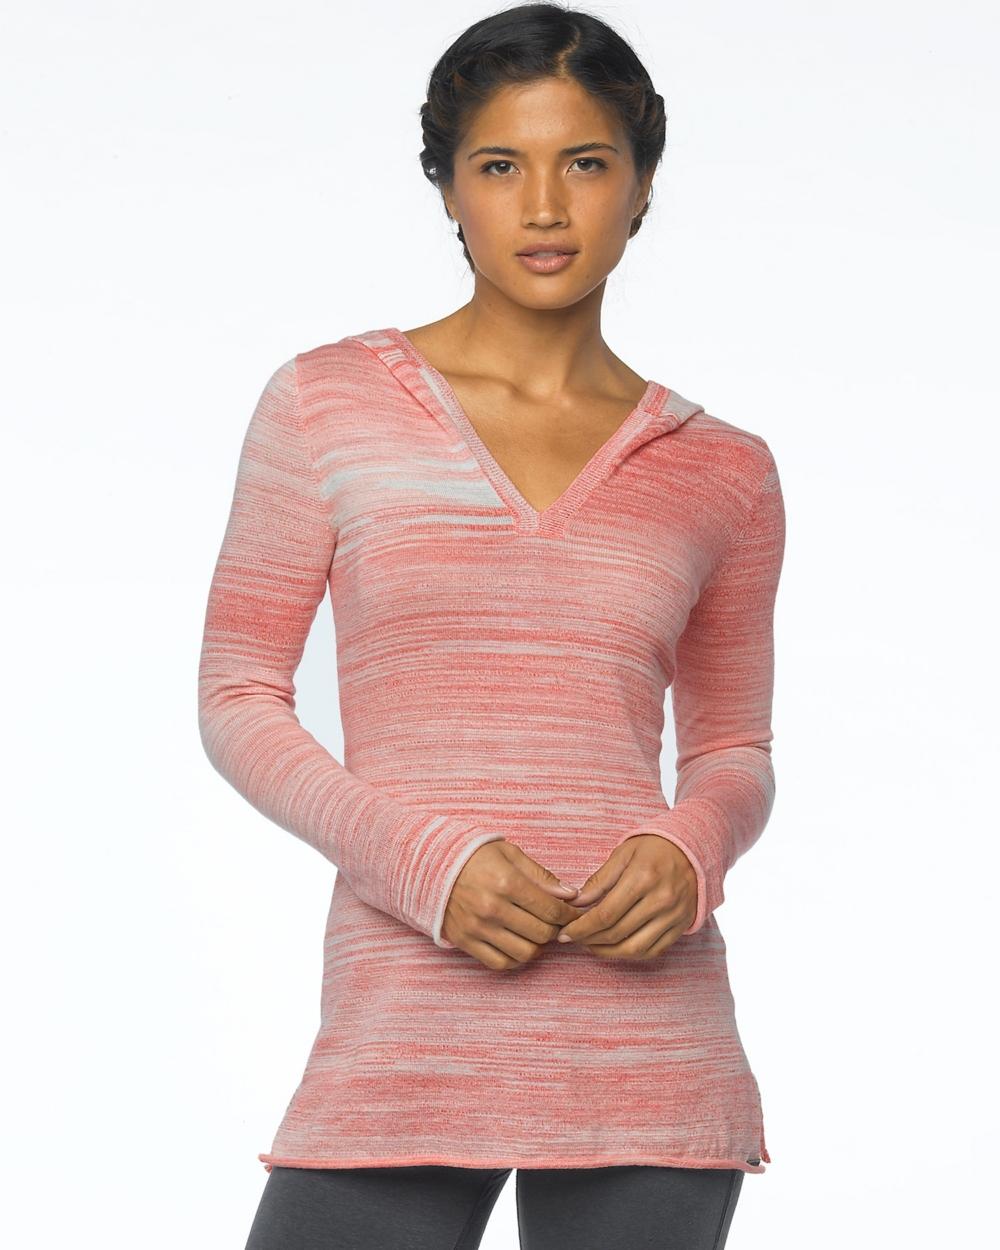 2015 Prana Activewear Gemma Sweater in Neon Orange - Front